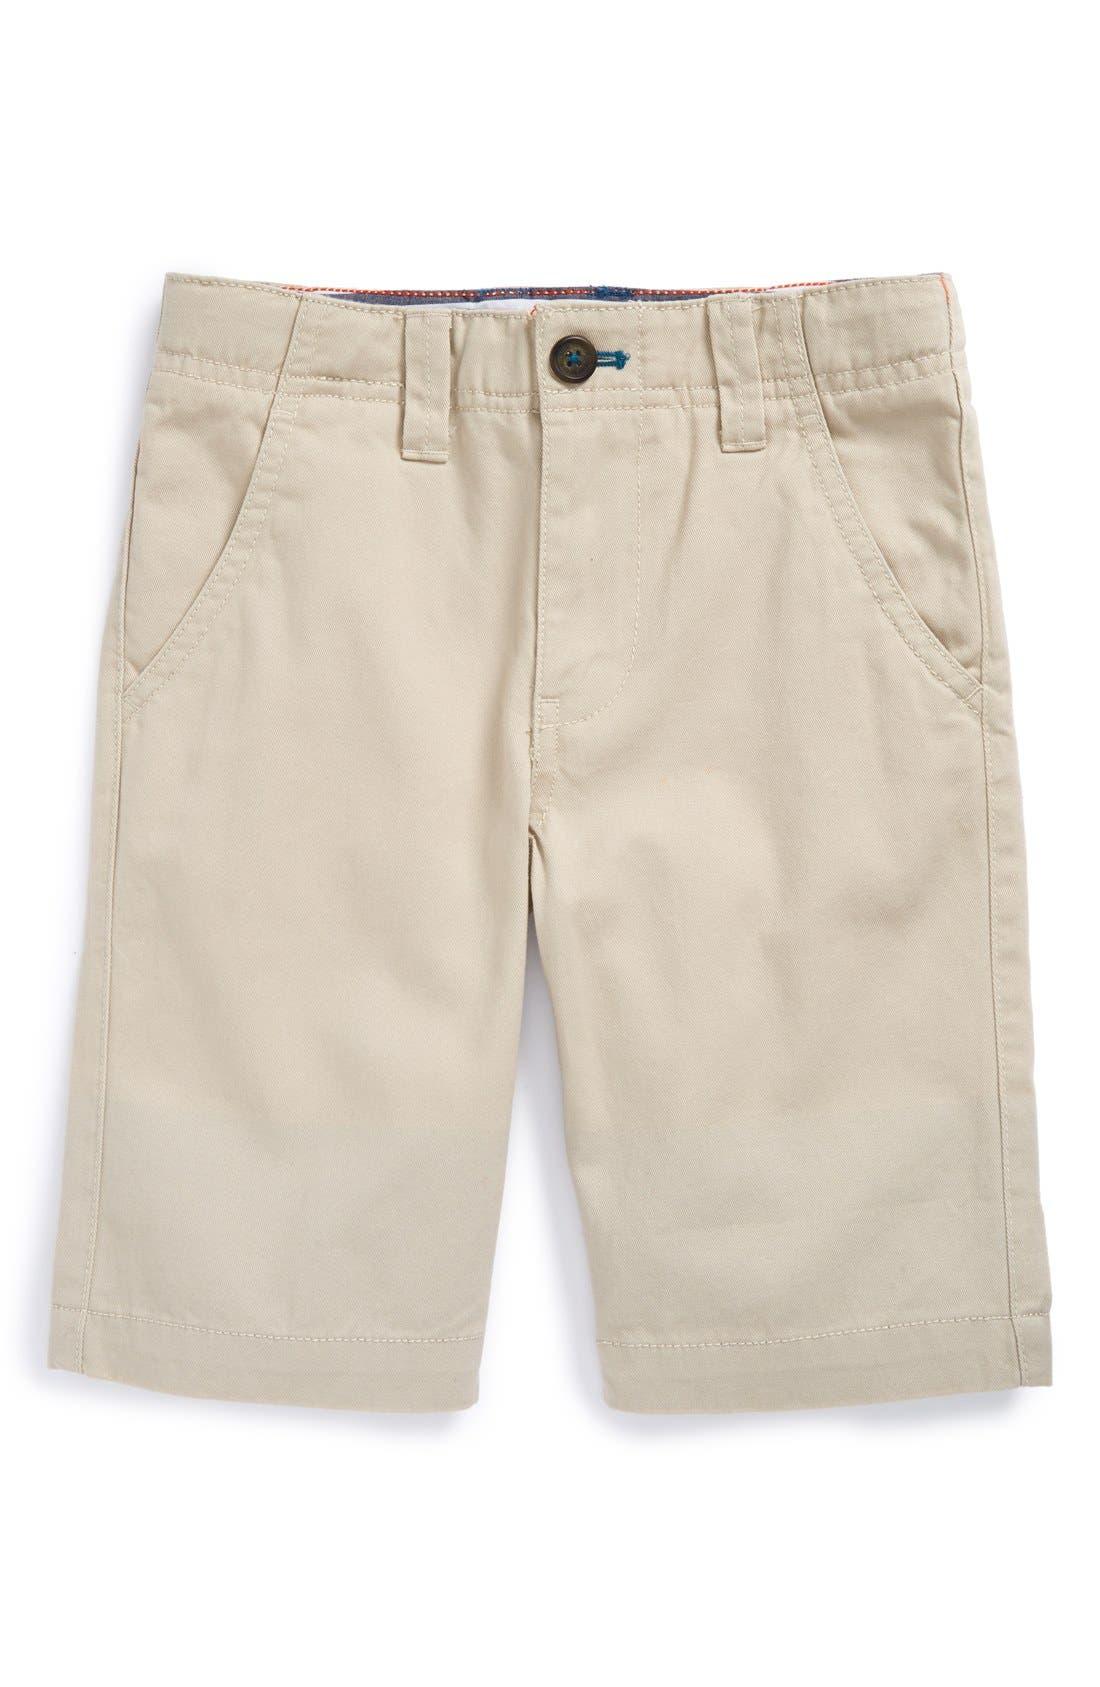 Cotton Chino Shorts,                             Main thumbnail 1, color,                             026